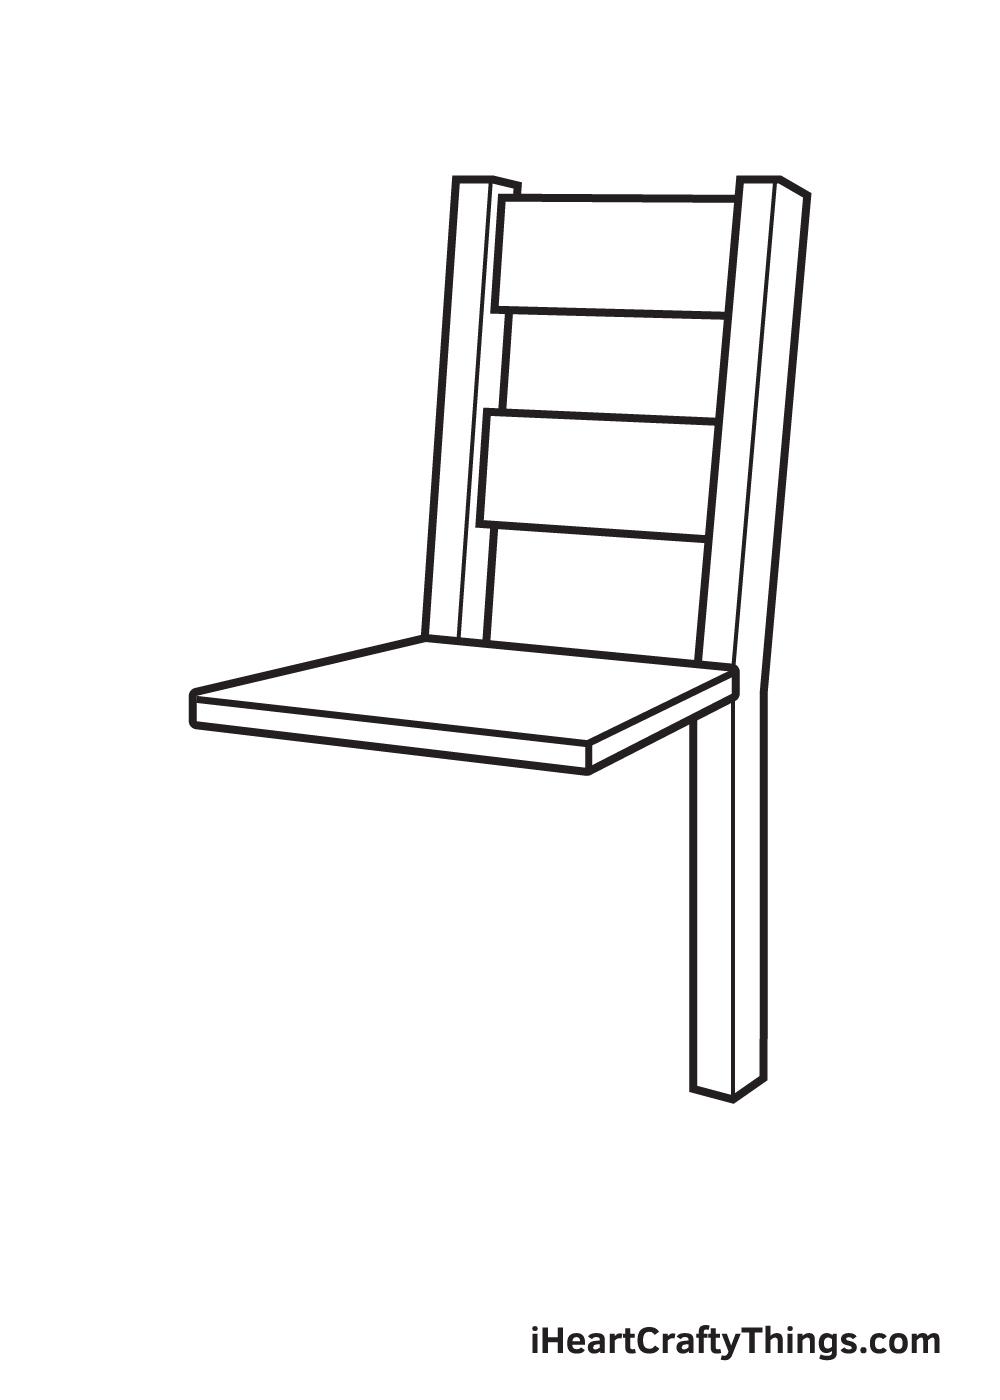 Vẽ ghế - Bước 5